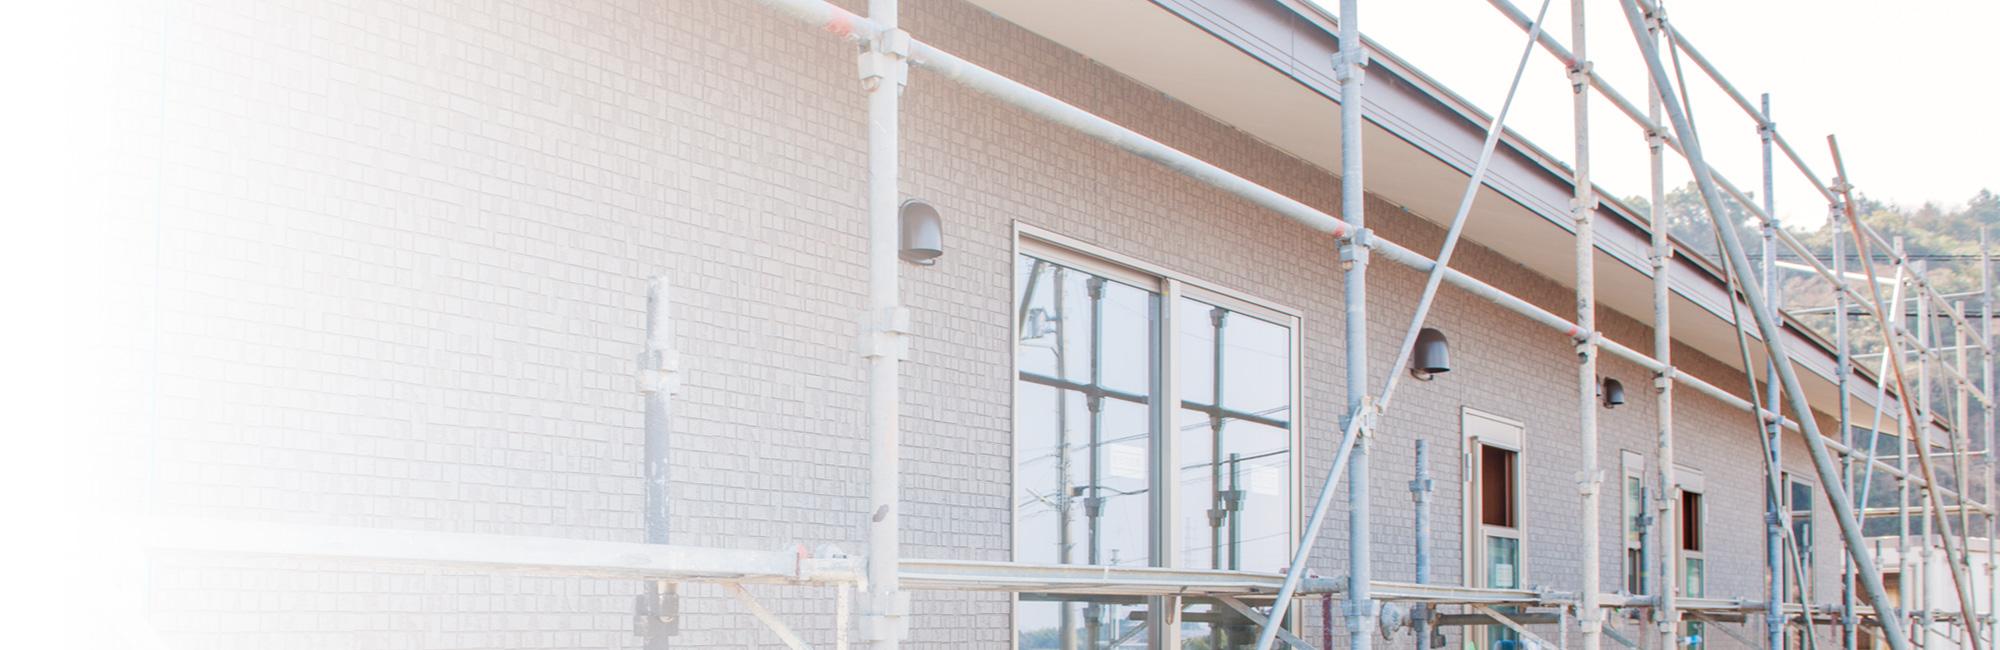 外壁・外装リフォーム・壁・屋根工事はお任せください